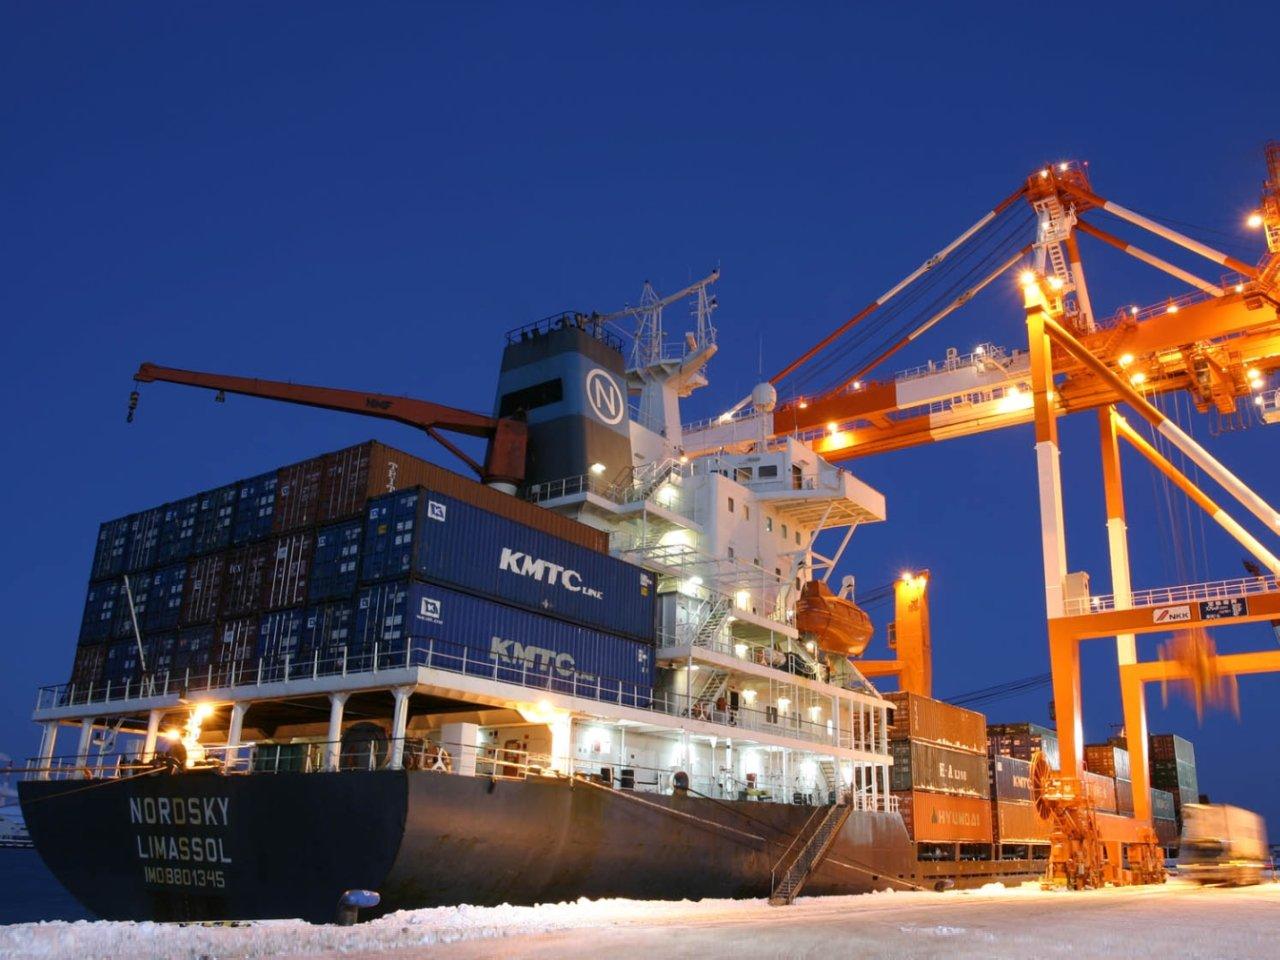 Ra mắt WorldExpress vận chuyển nhanh quốc tế